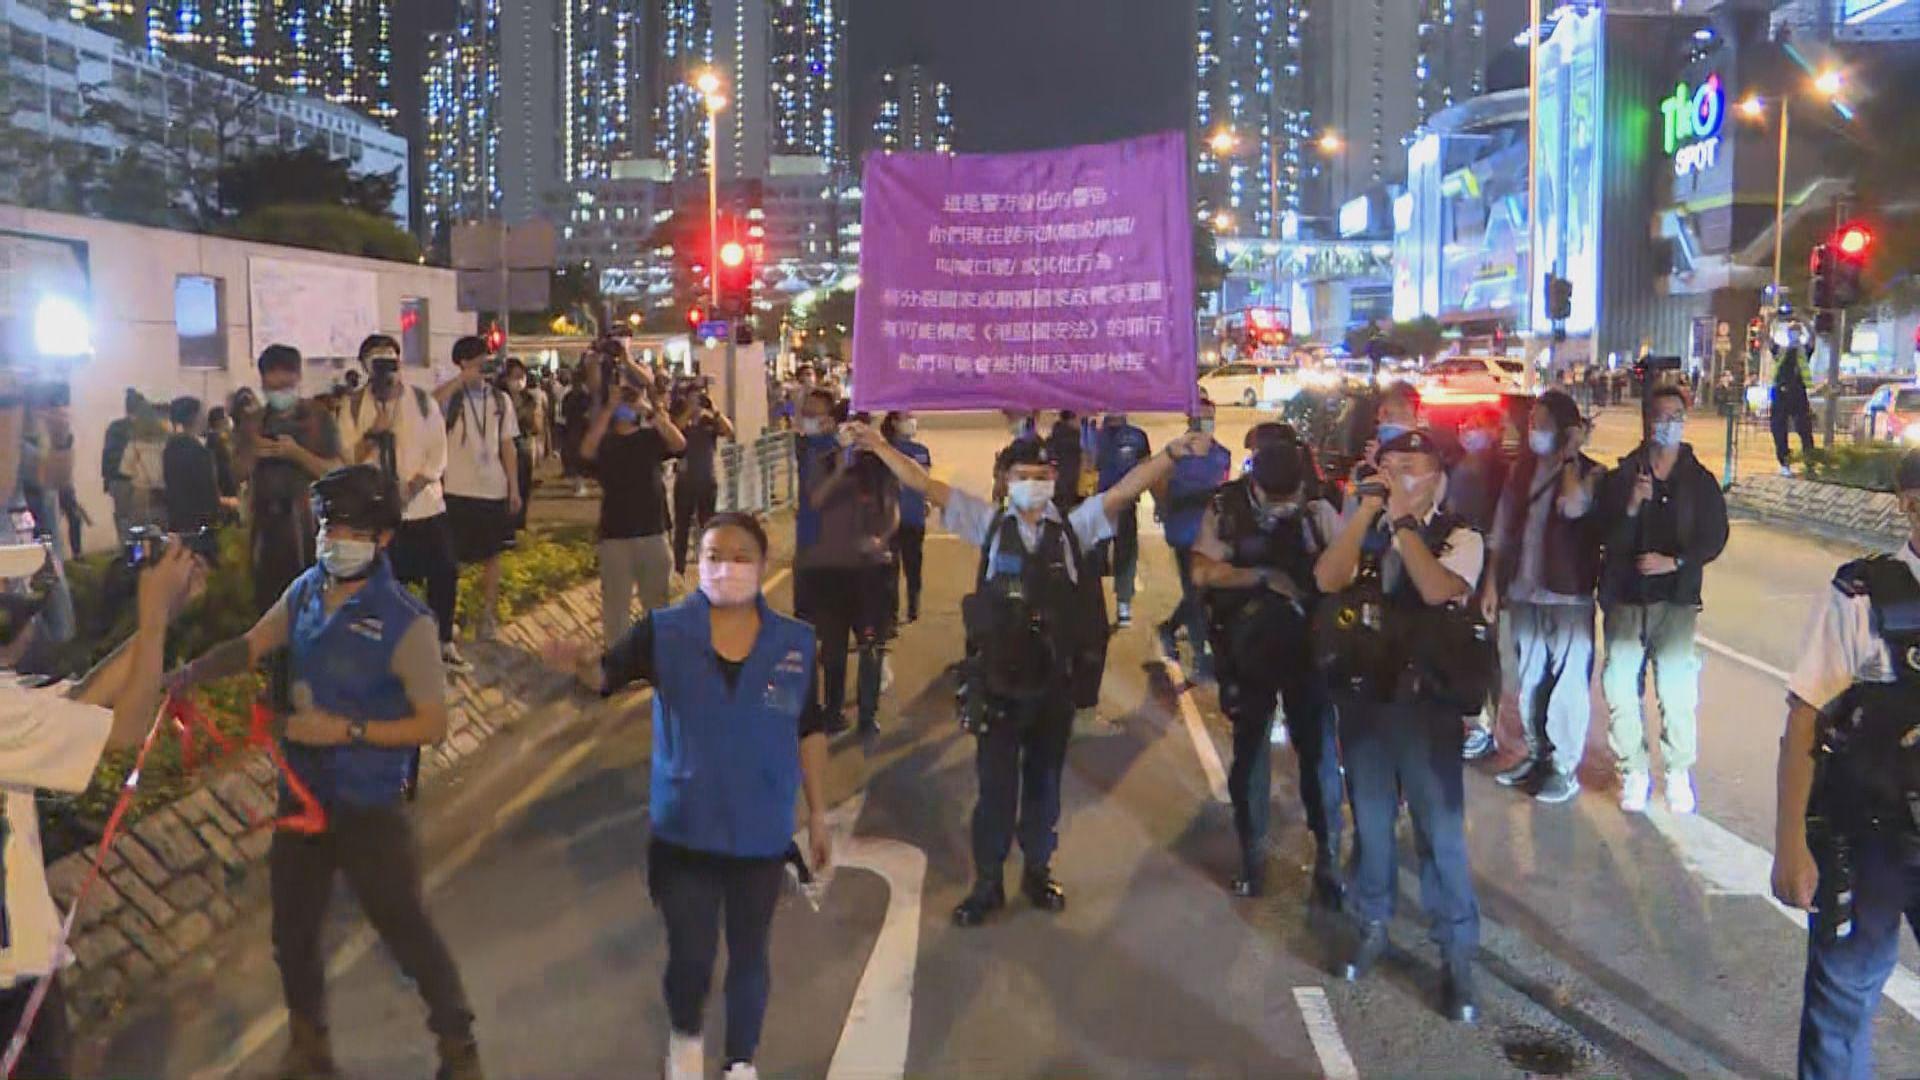 有人高叫「光復香港」口號 警舉紫旗稱涉違港區國安法